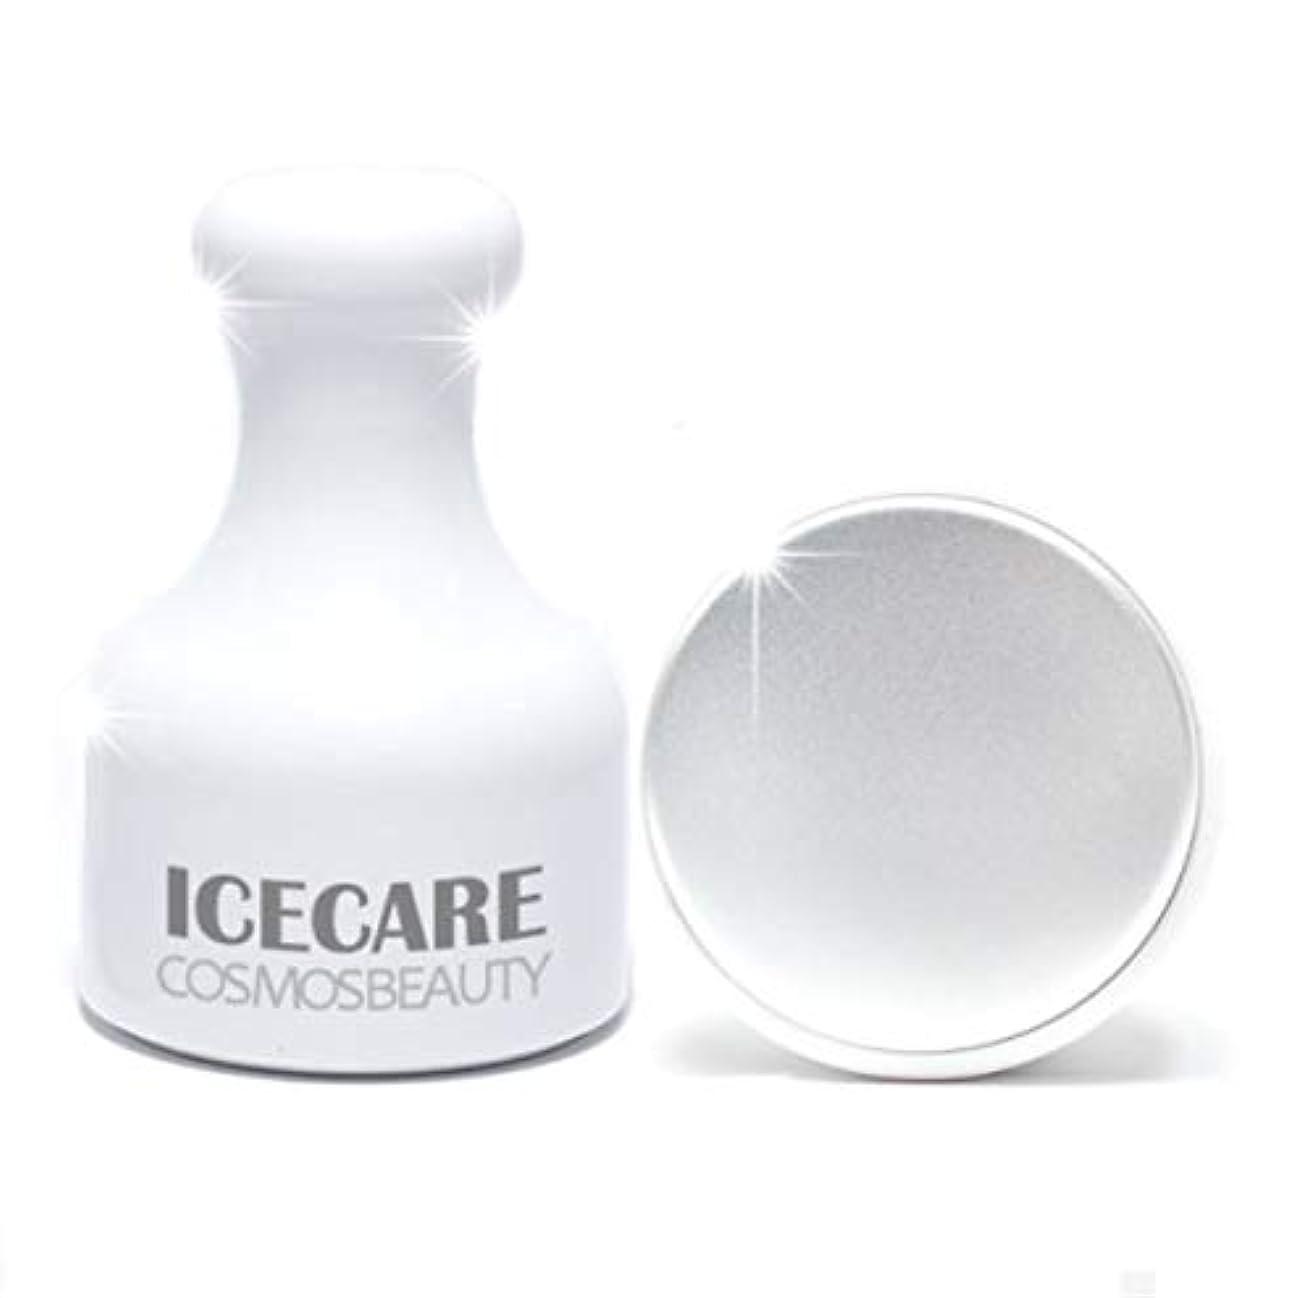 王位セールスマンペアCosmosbeauty Ice Care 毛穴ケア、冷マッサージ,フェイスクーラーアイスローラーフェイスローラー顔マッサージ機構の腫れ抜き方法毛穴縮小(海外直送品)